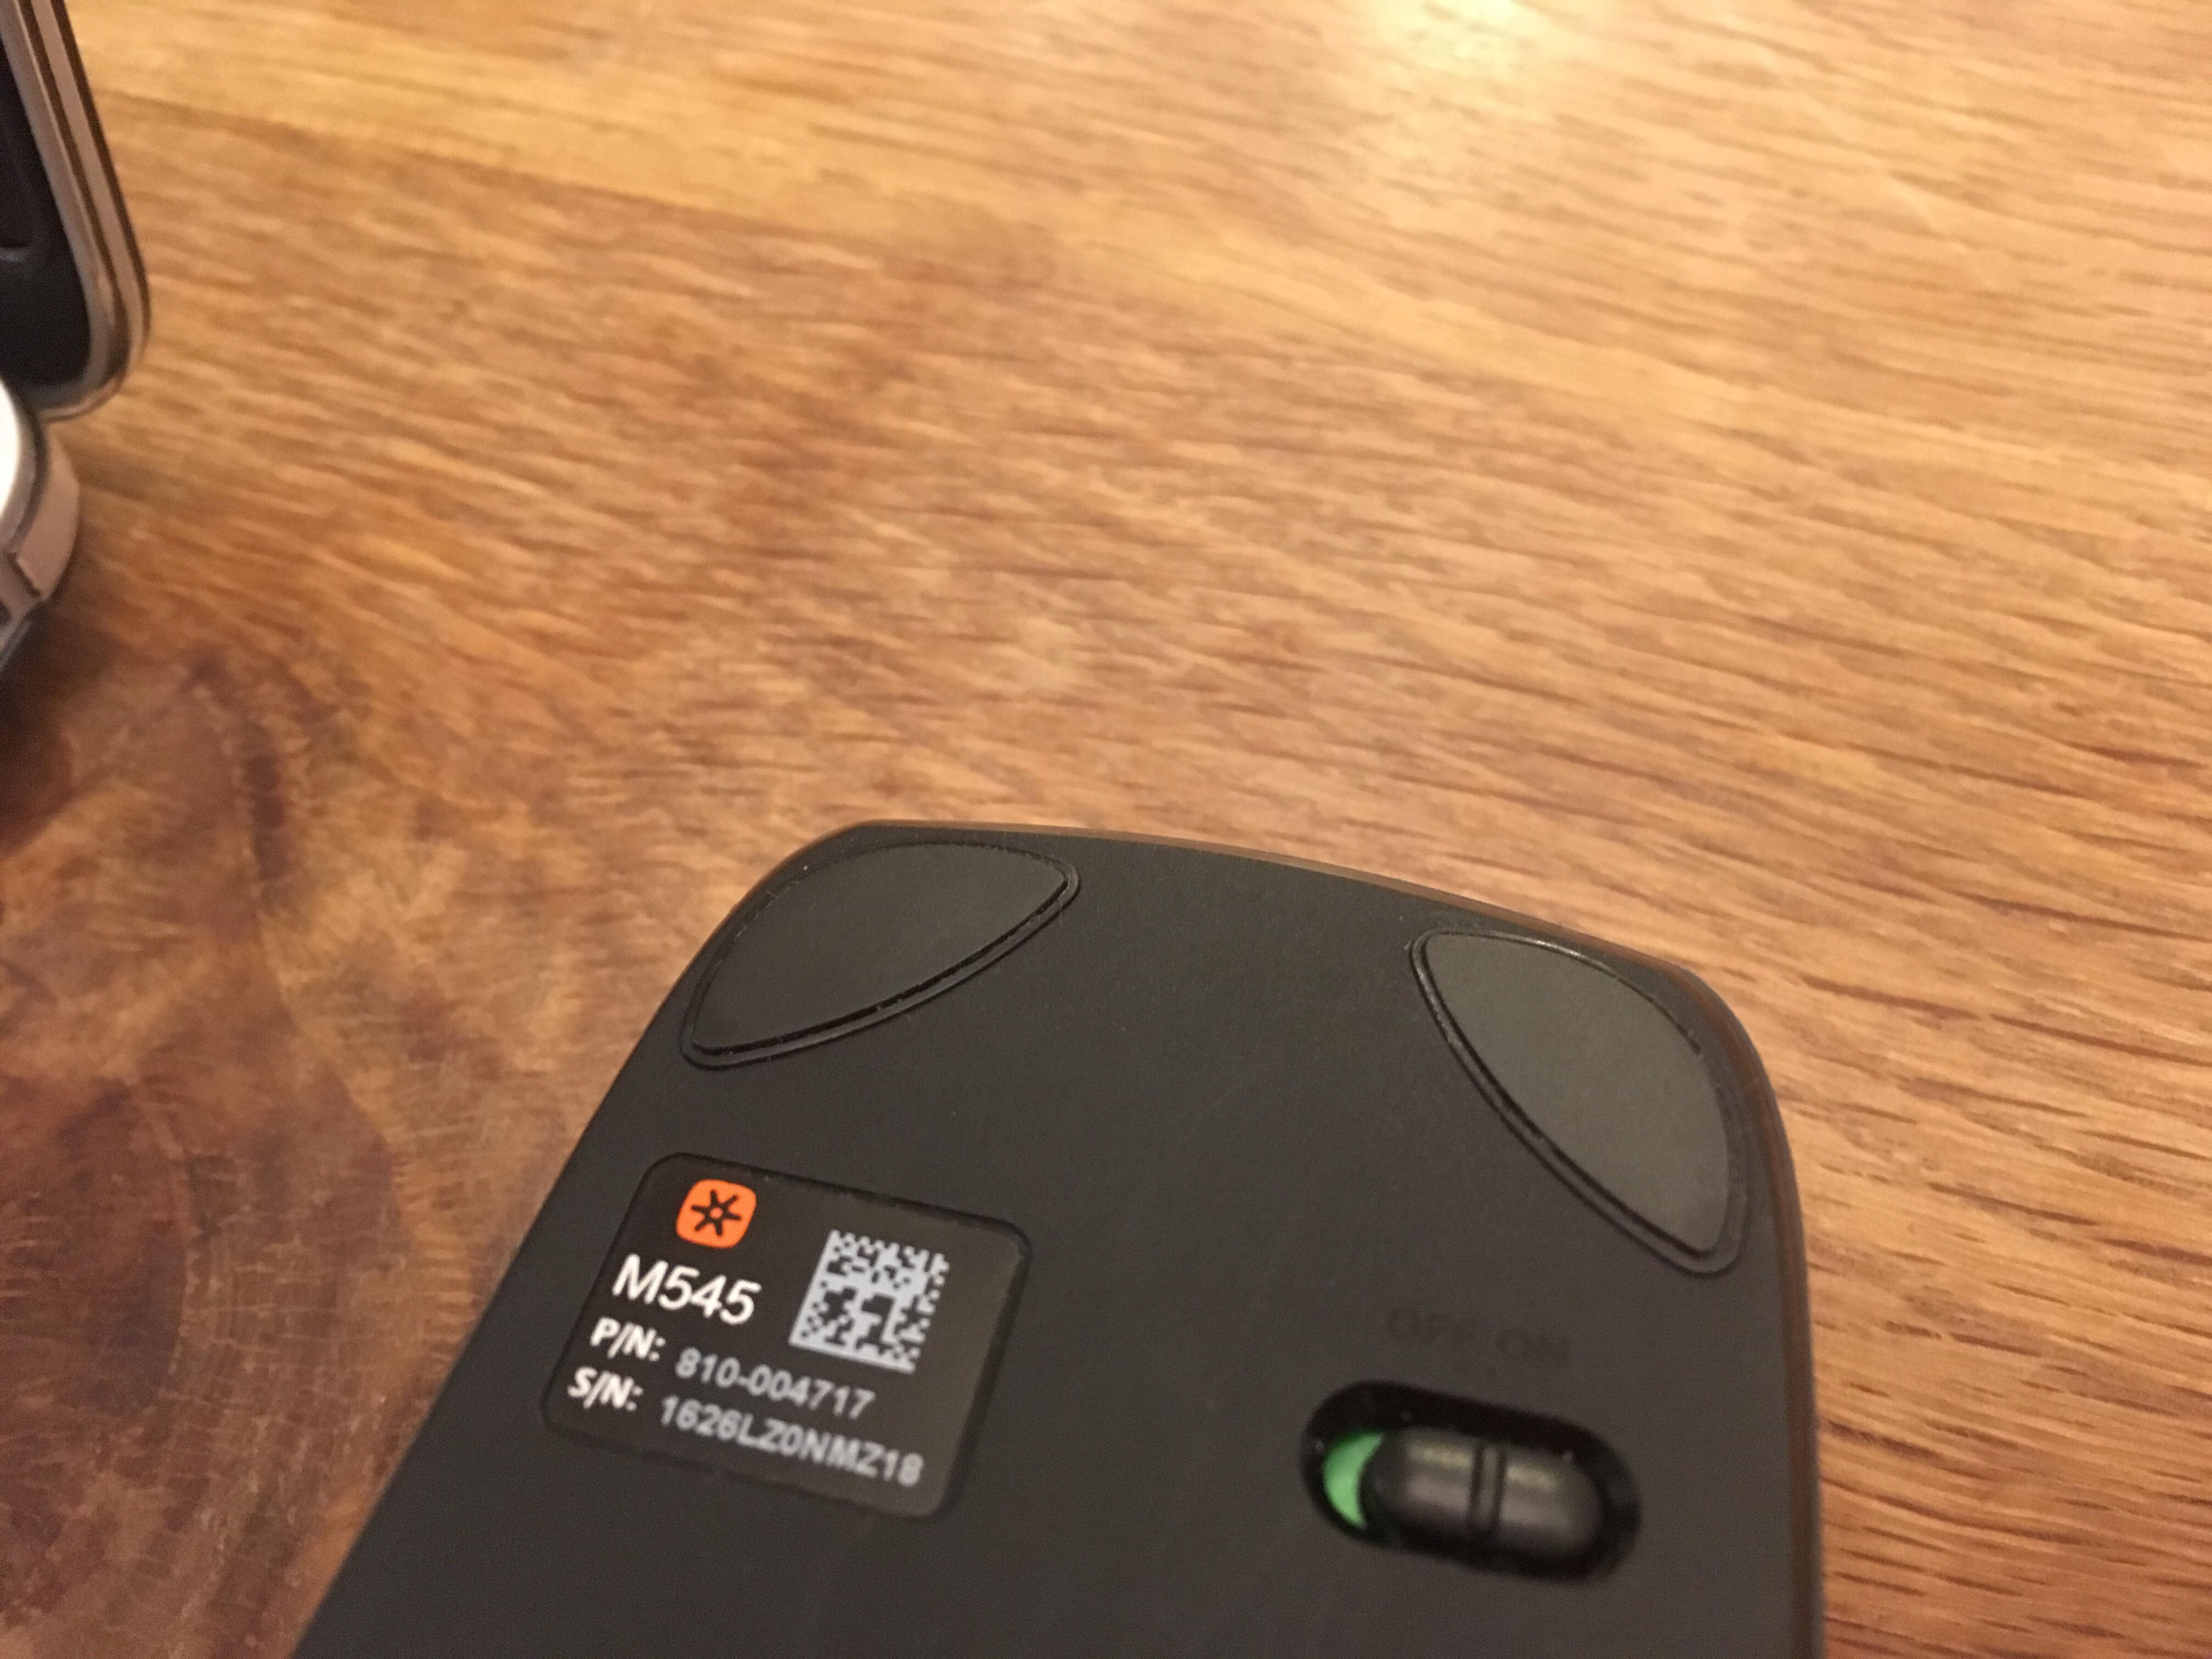 Logicool ロジクール ワイヤレスマウス ブラック M545BK